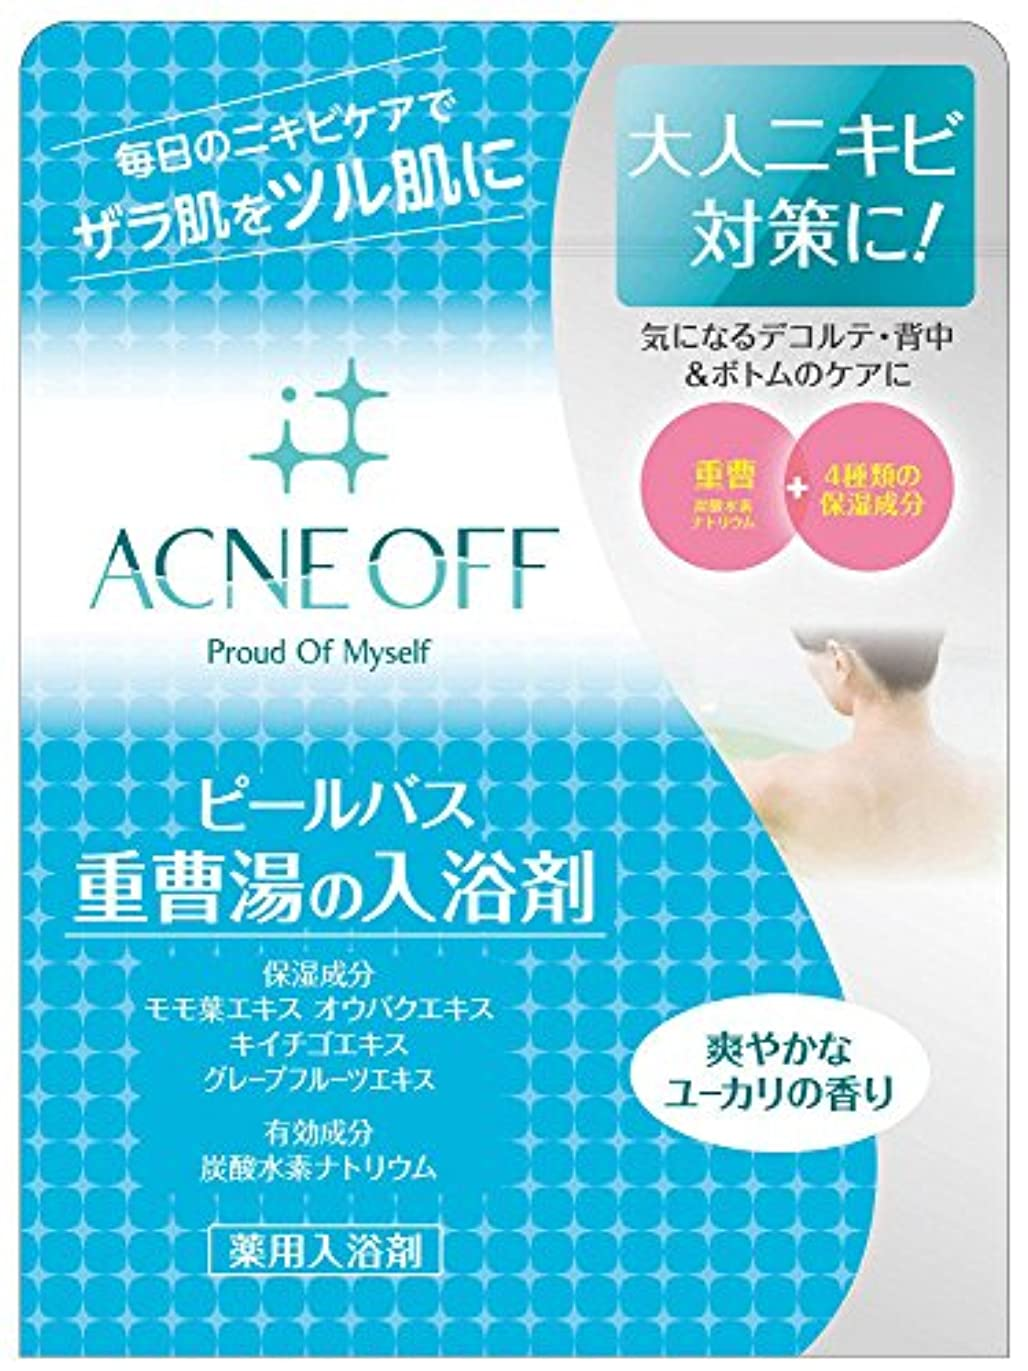 バトル厳息切れマックス 薬用アクネオフ 重曹湯の入浴剤 500g (医薬部外品)